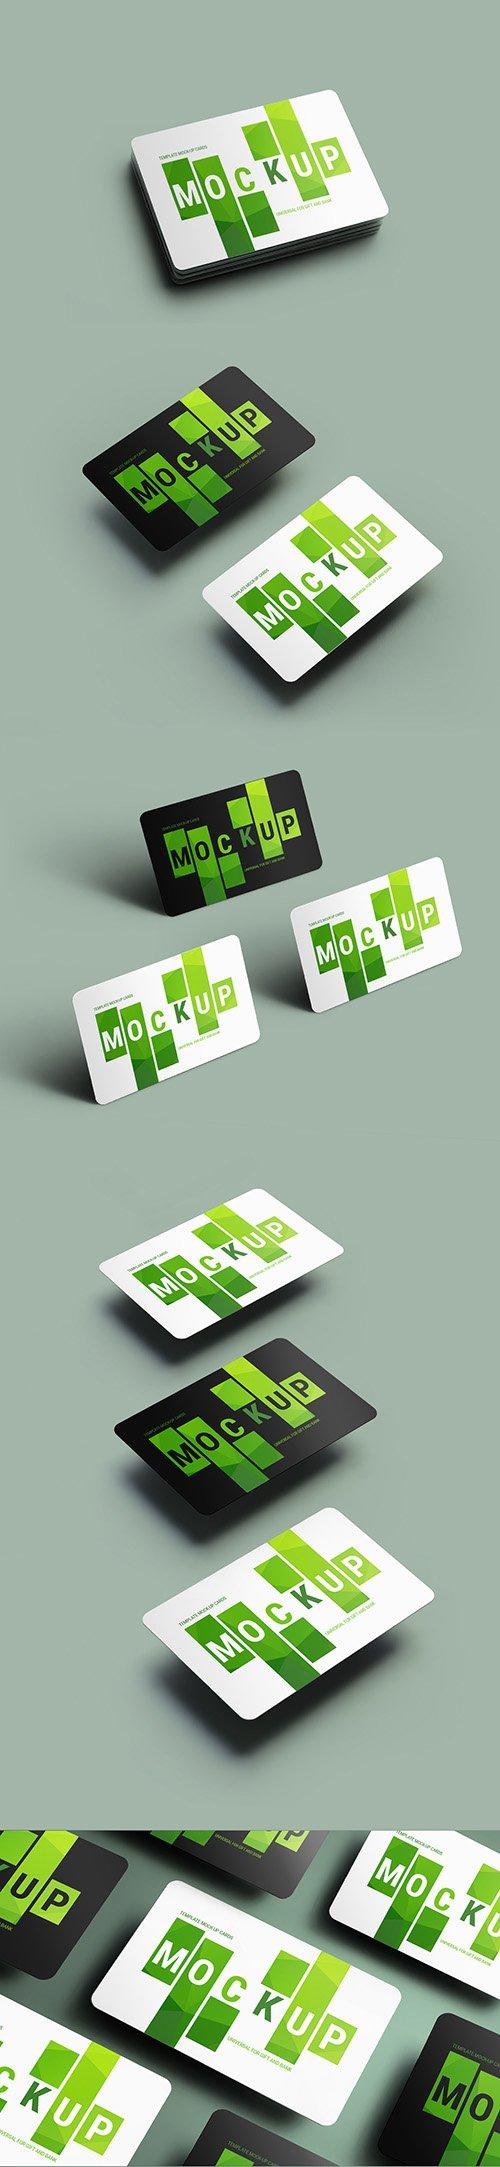 5 Gift/Bank Card Mockup Layouts 199022615 PSDT